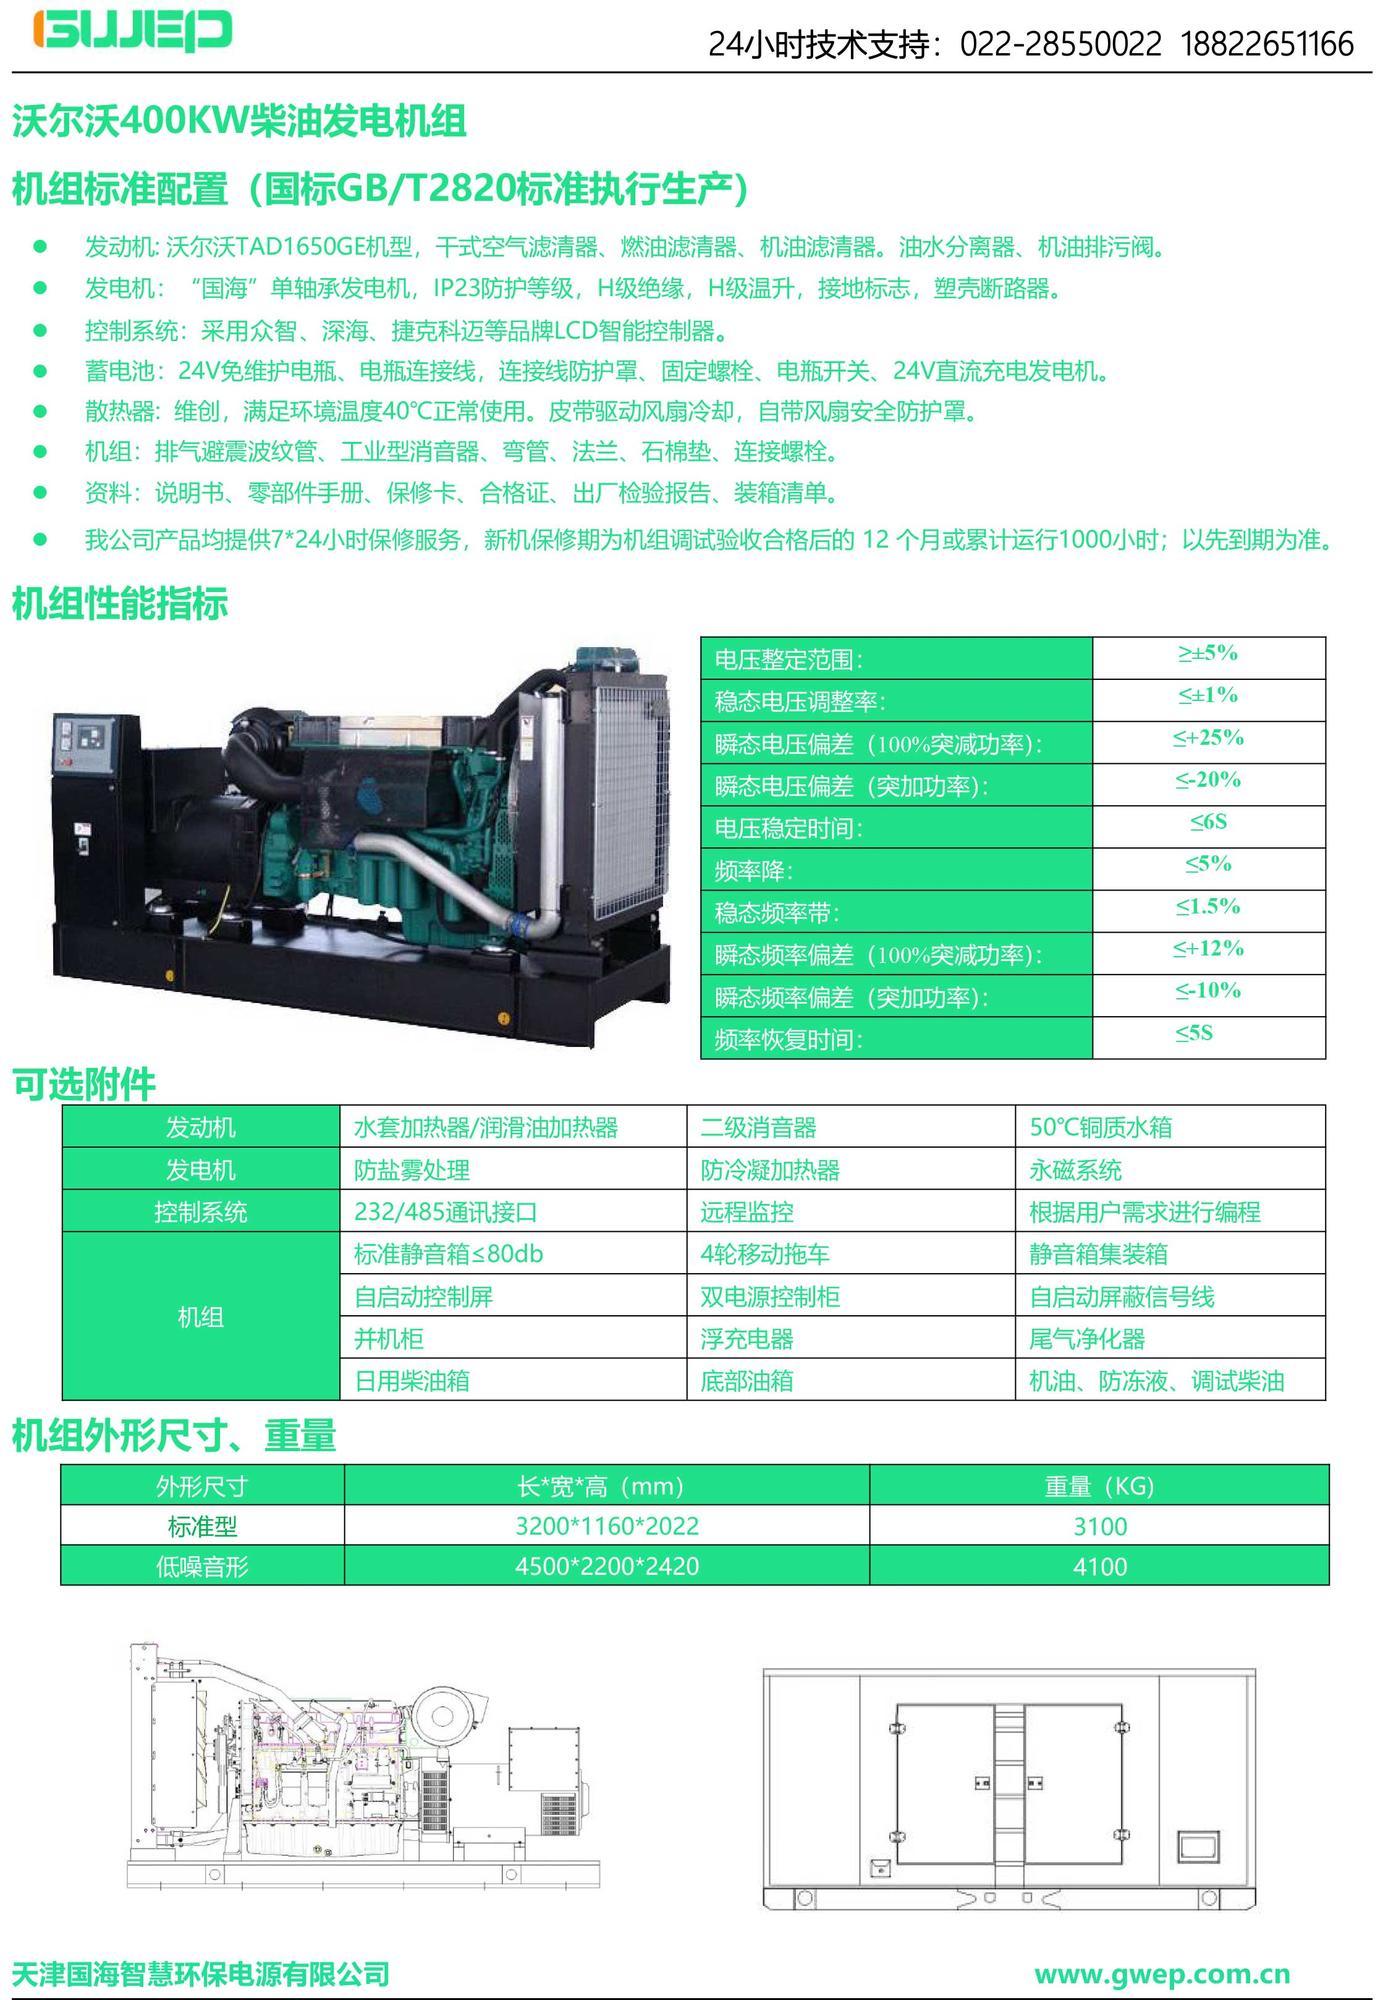 沃尔沃400KW发电机组技术资料-1.jpg